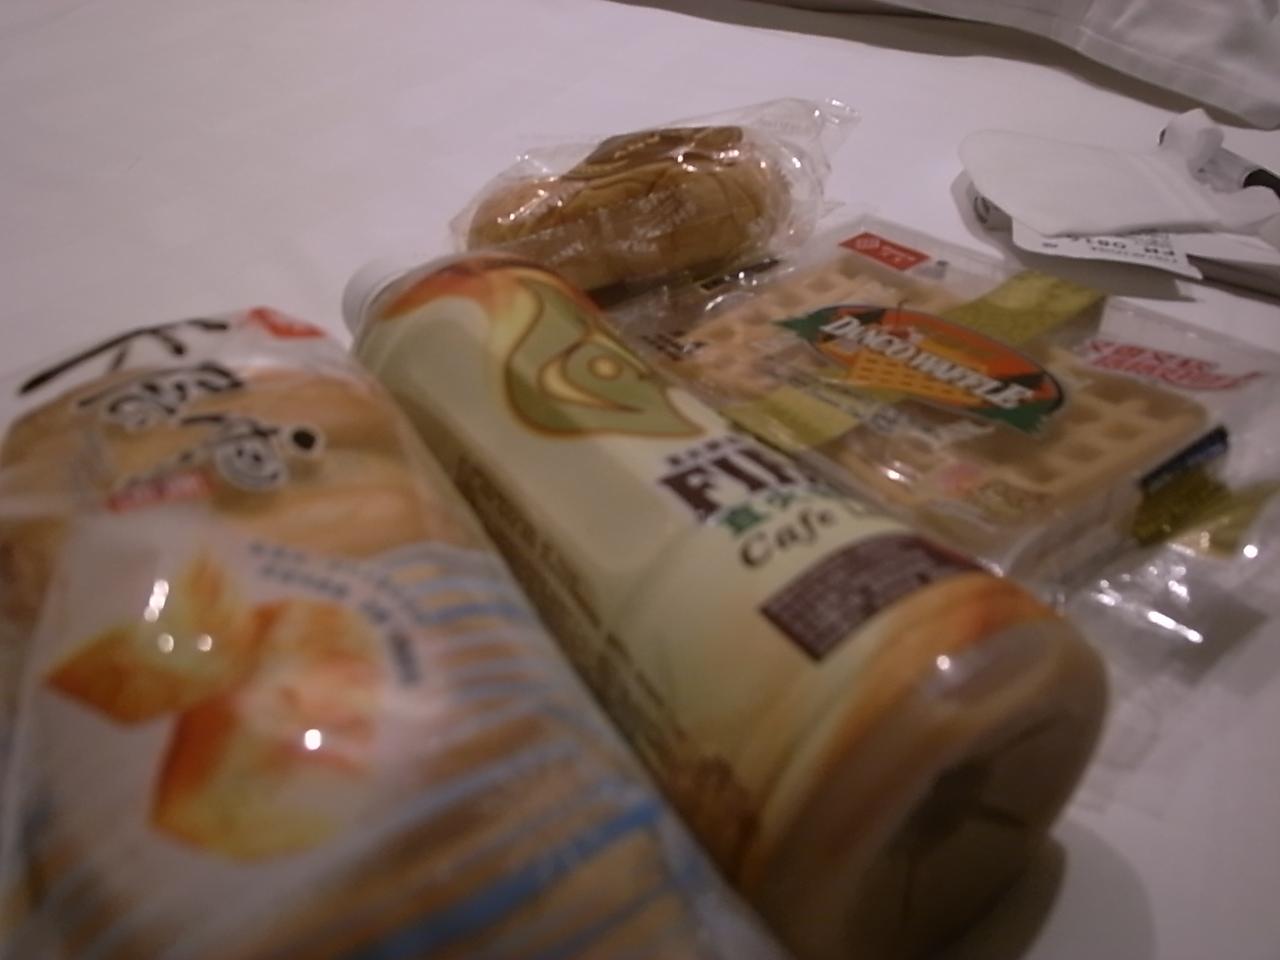 上海ついた時には、コンビニのパンばかり食べていました。買い方もわからないし…。